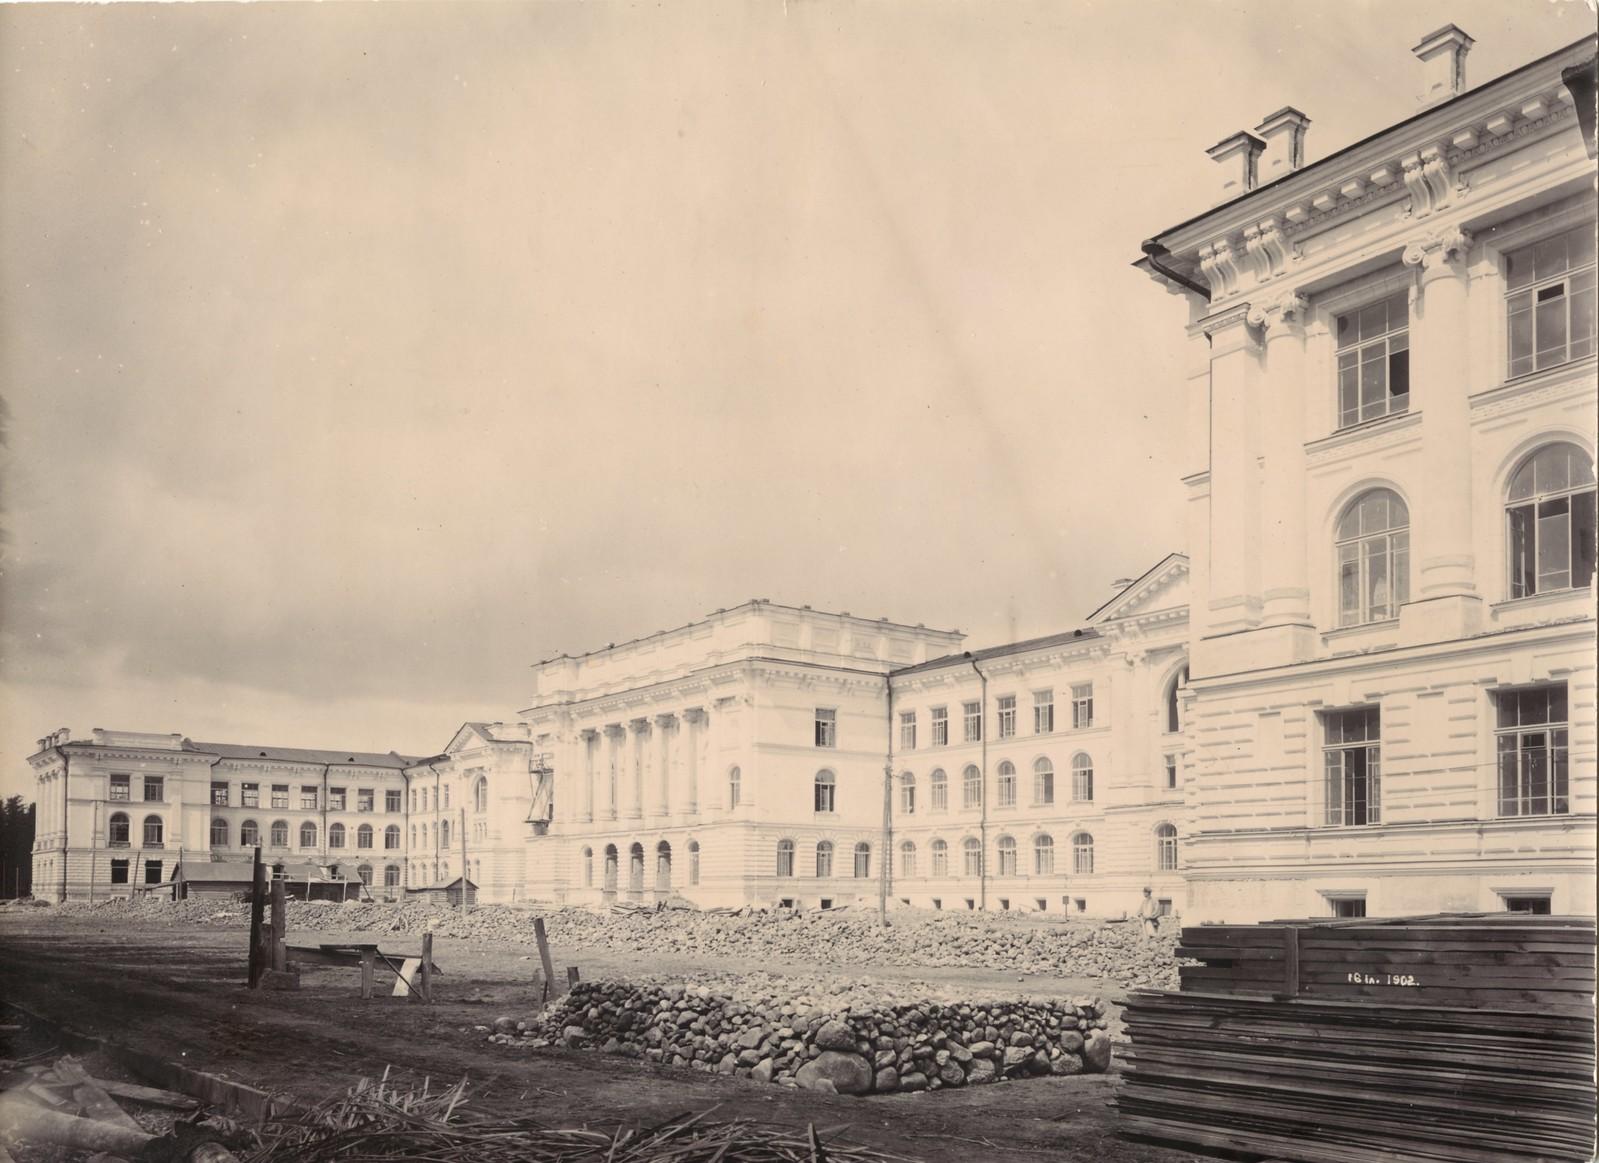 04. 1902. 16 июля. Строительная площадка перед главным зданием